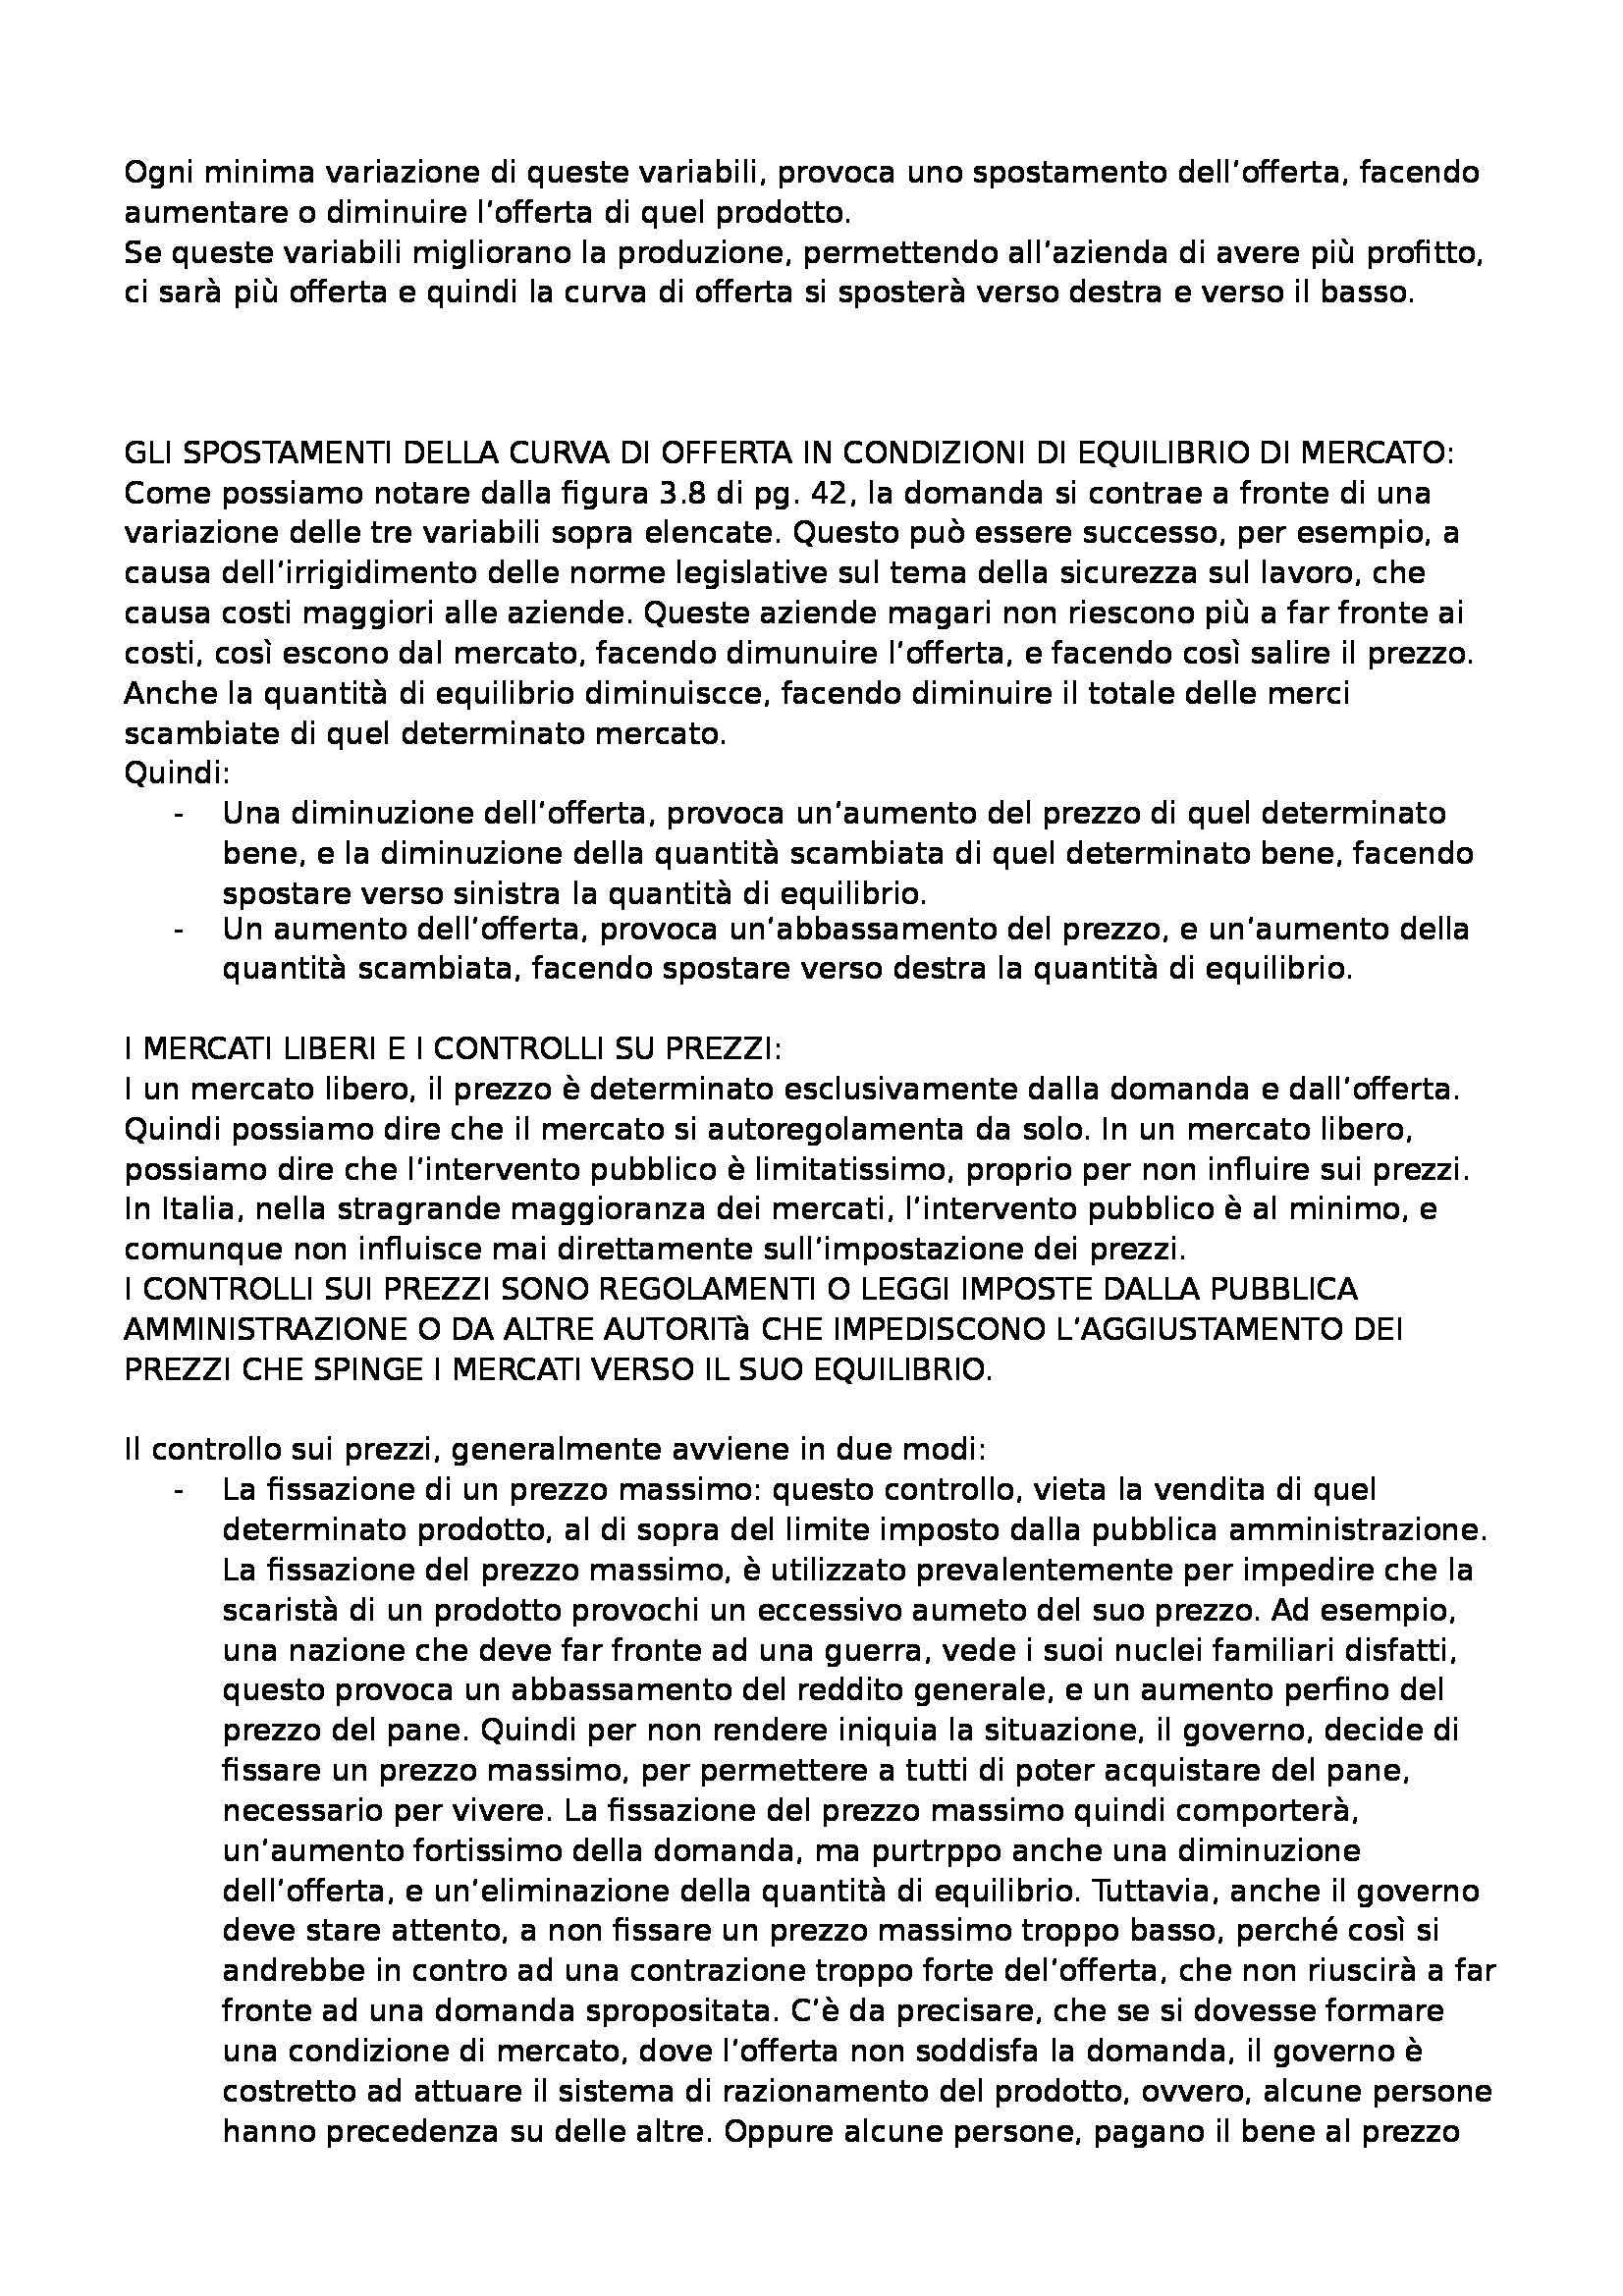 Riassunto esame Economia politica (microeconomia), prof. Besana, libro consigliato Economia, Begg, Vernasca, Fischer, Dornsbusch, Besana Pag. 11